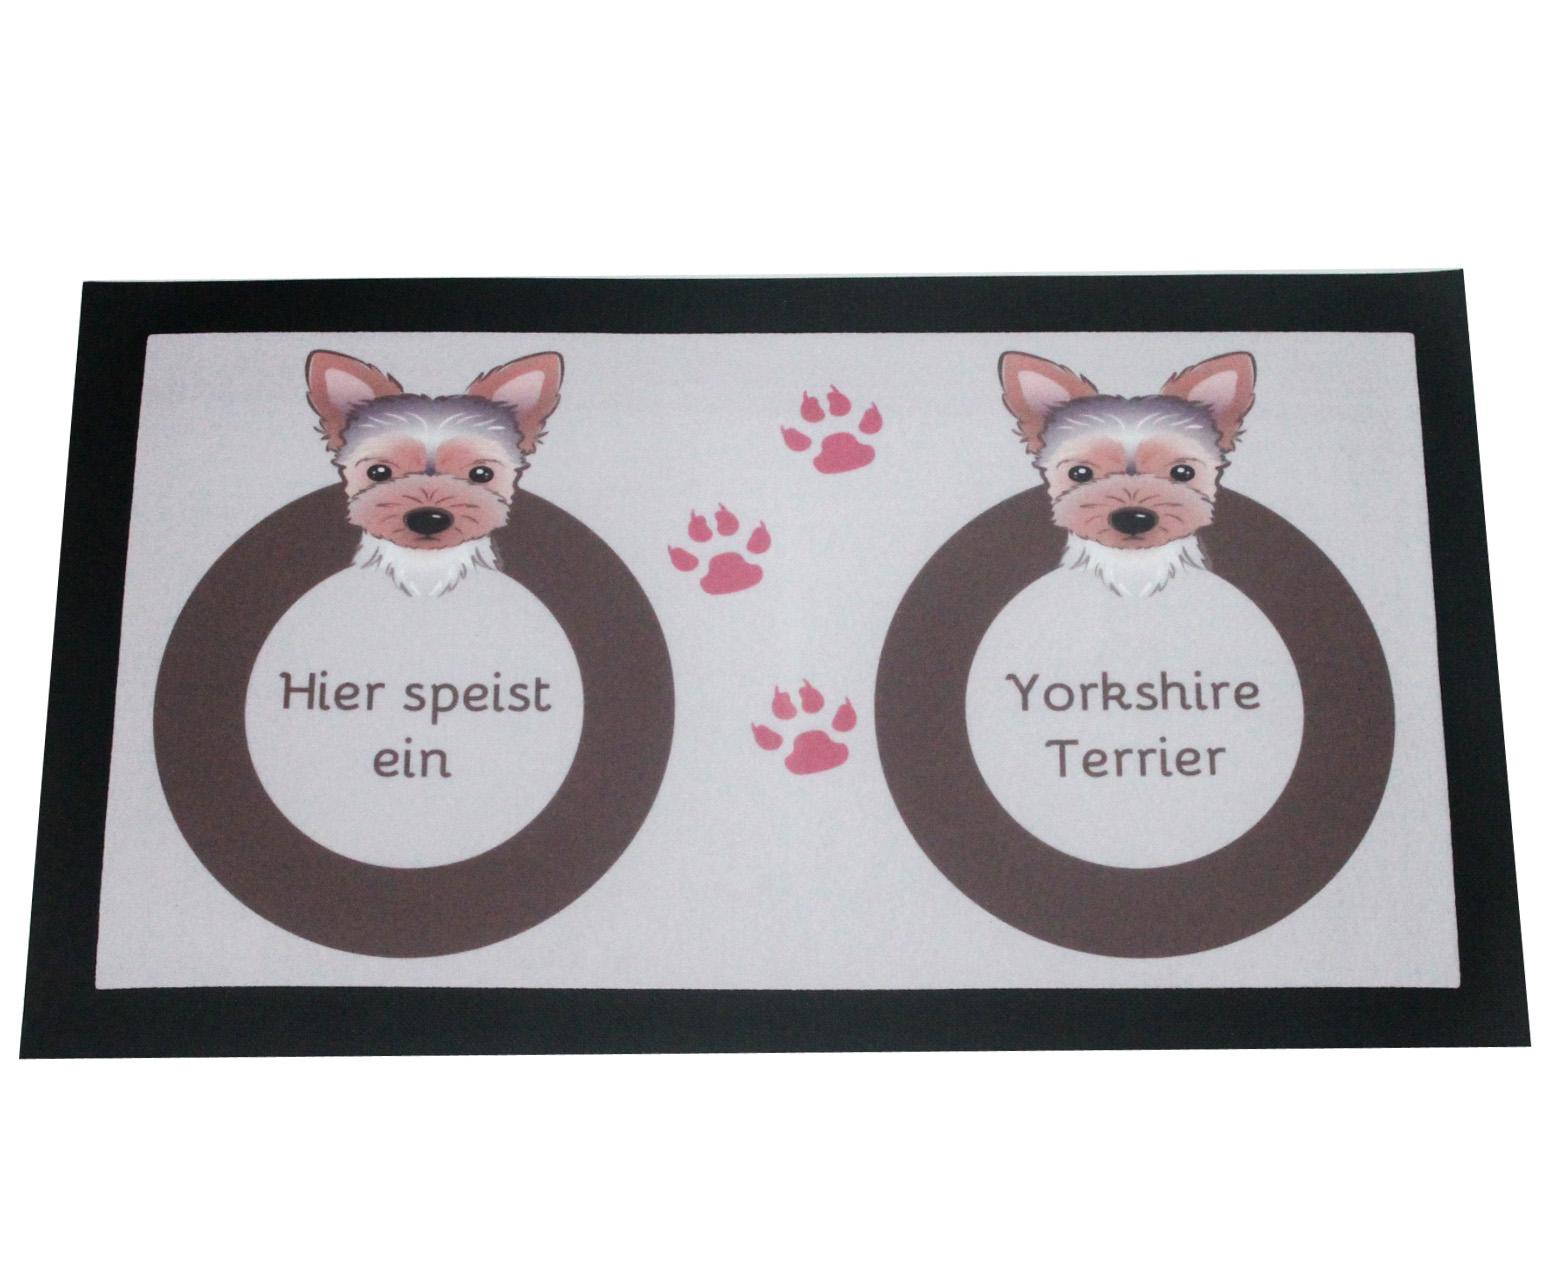 Napfunterlage Yorkshire Terrier Hund